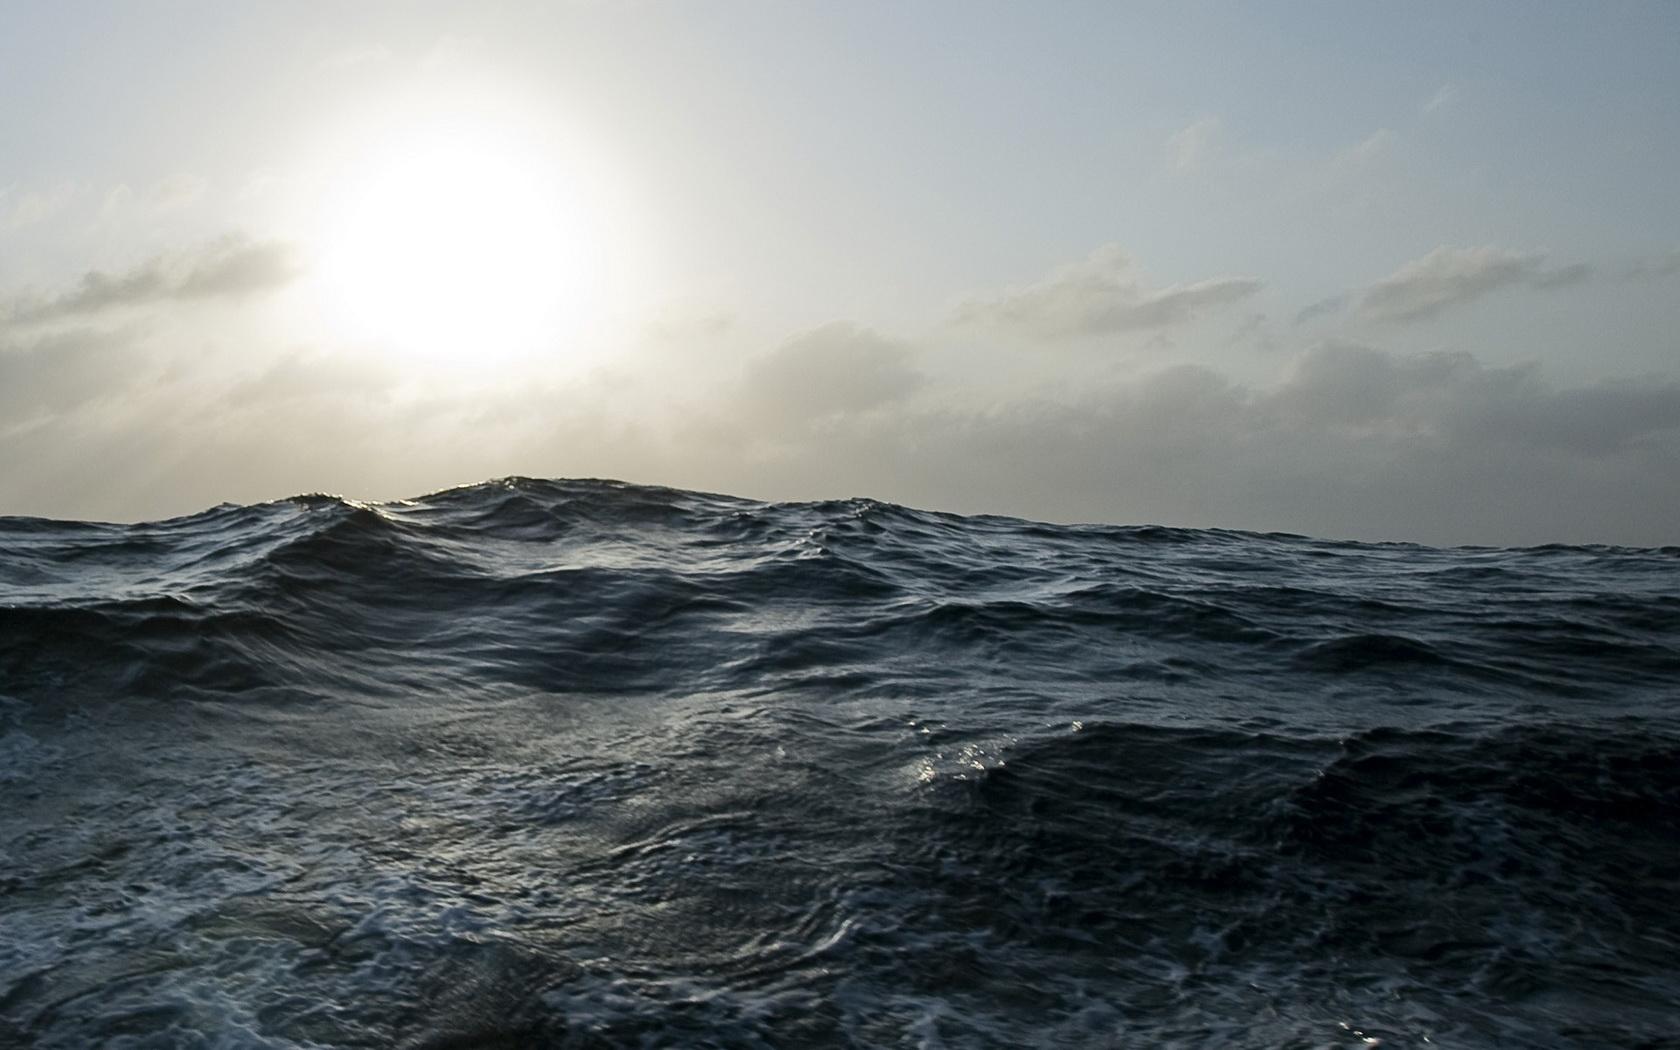 Ocean Waves At Night Ocean waves wallpaper 1680x1050